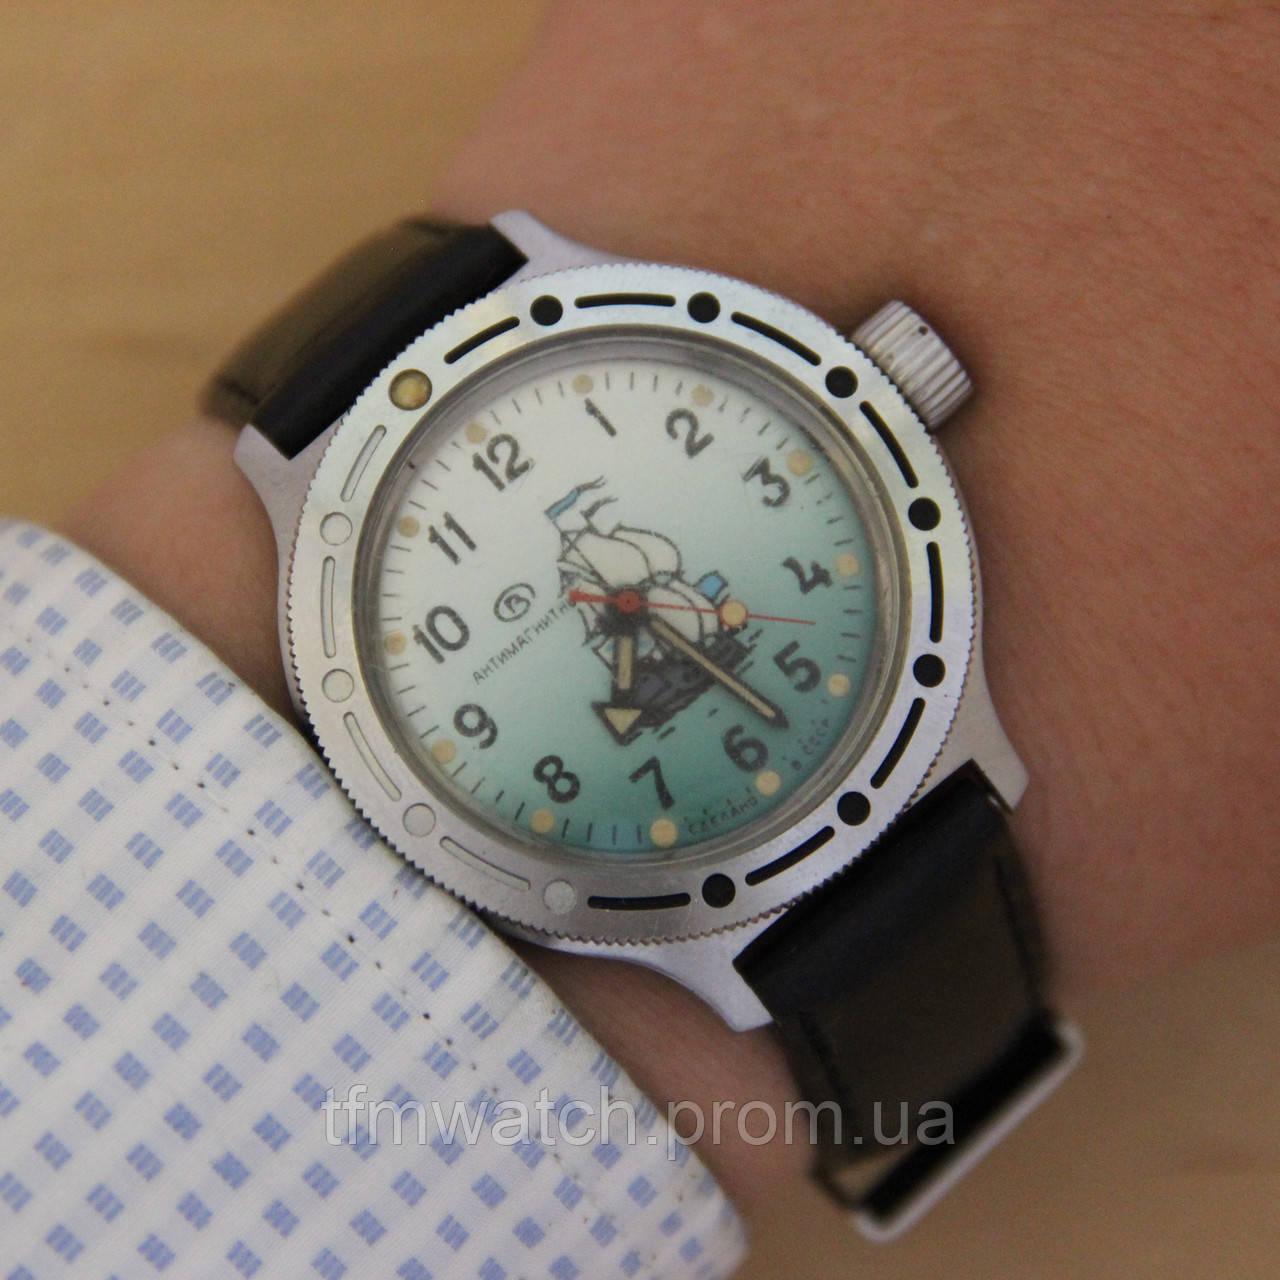 Купить старые часы амфибия наручные часы скелетоны tissot